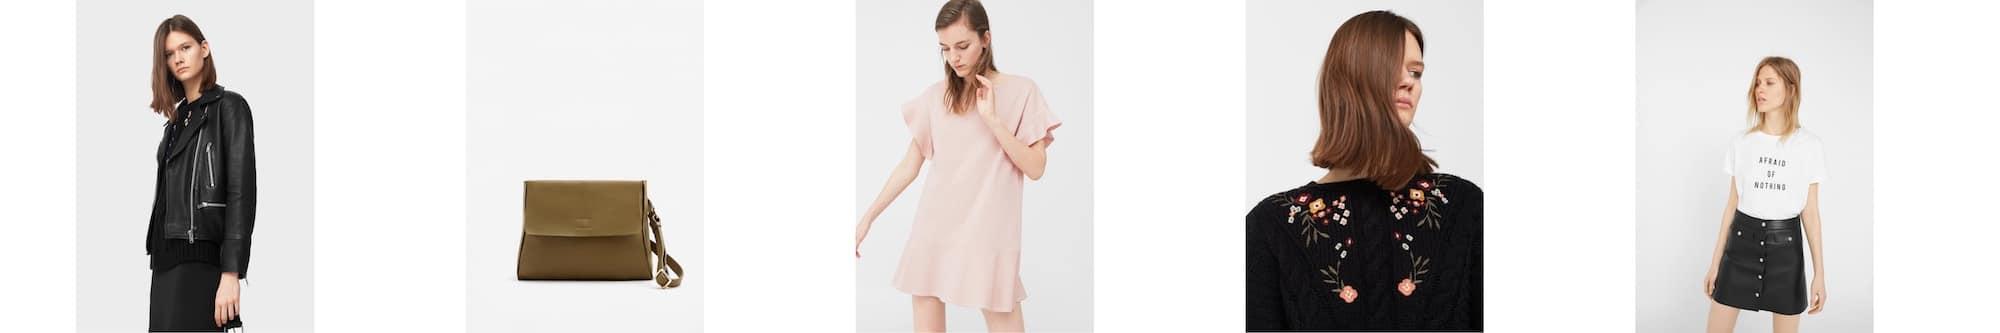 glamour-shopping-week-sales-picks-5